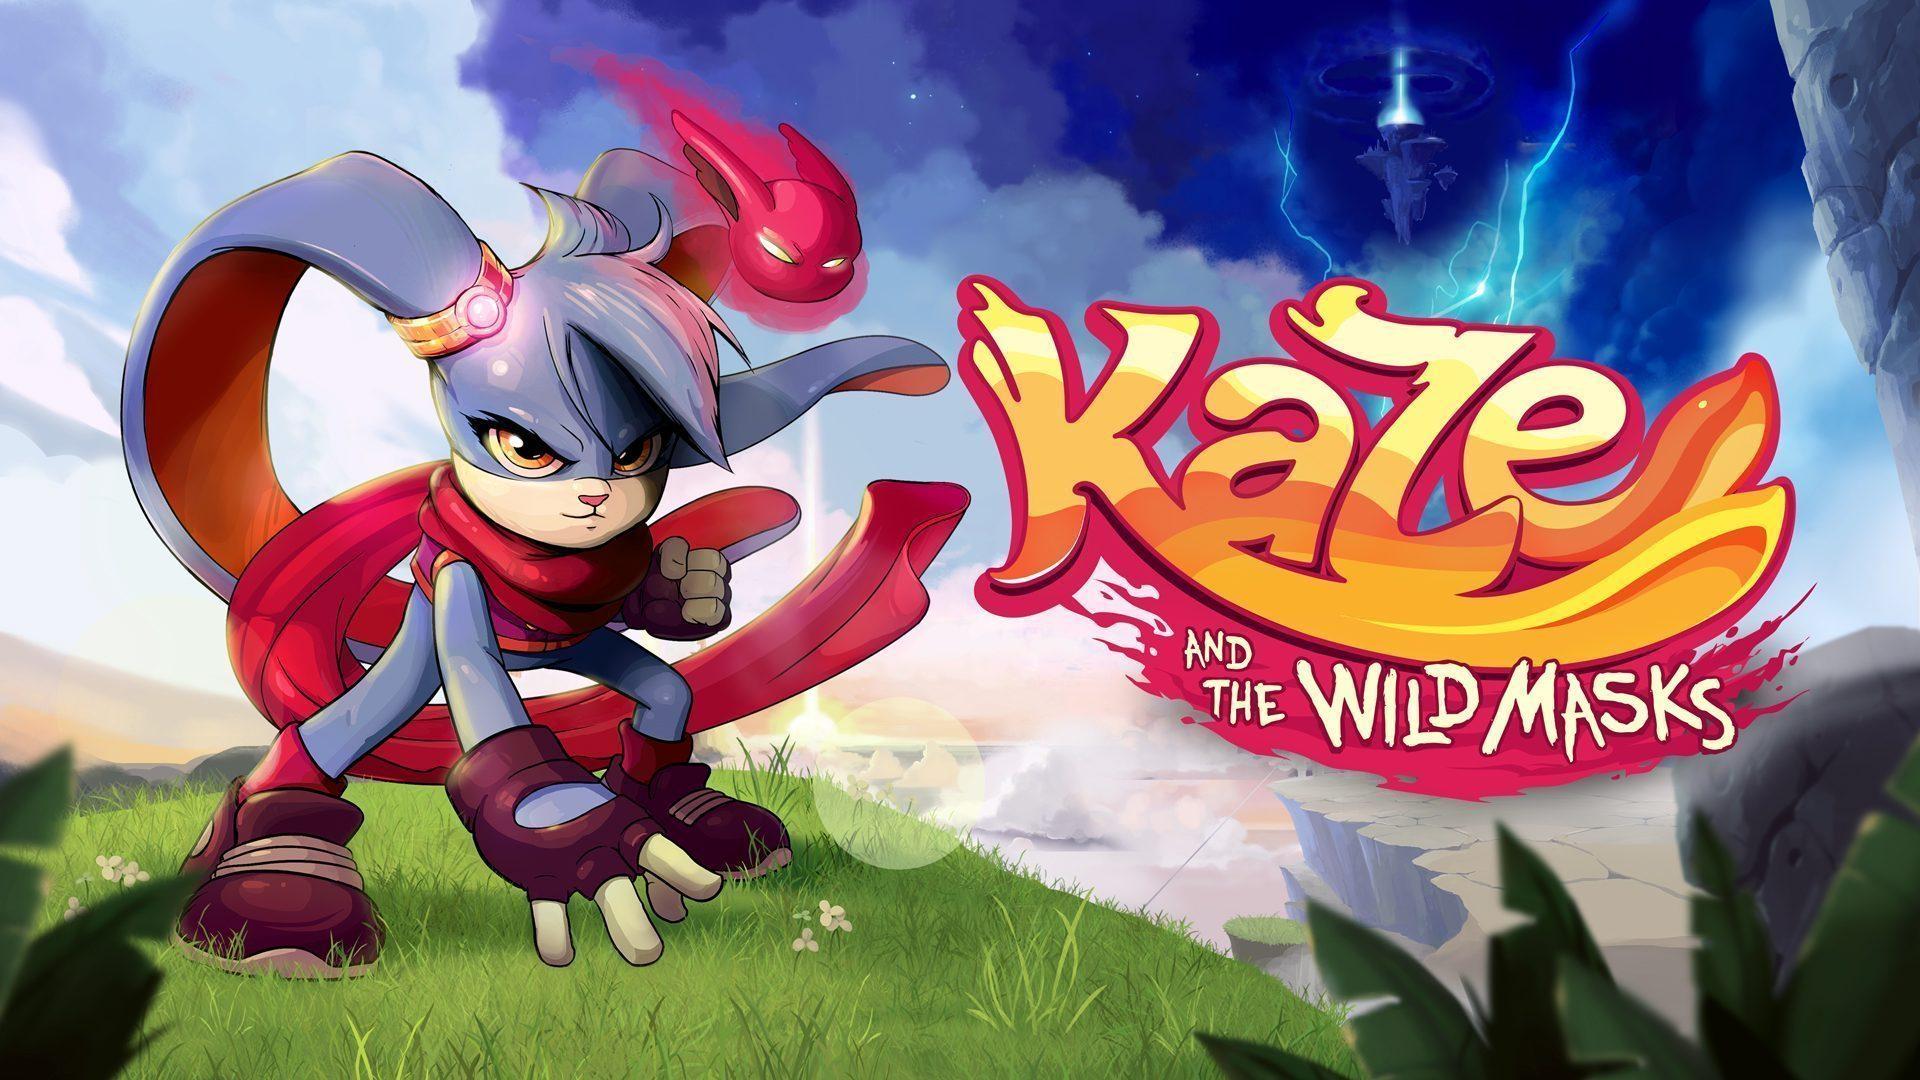 Kaze-Wild-Masks-just-for-games-vignette